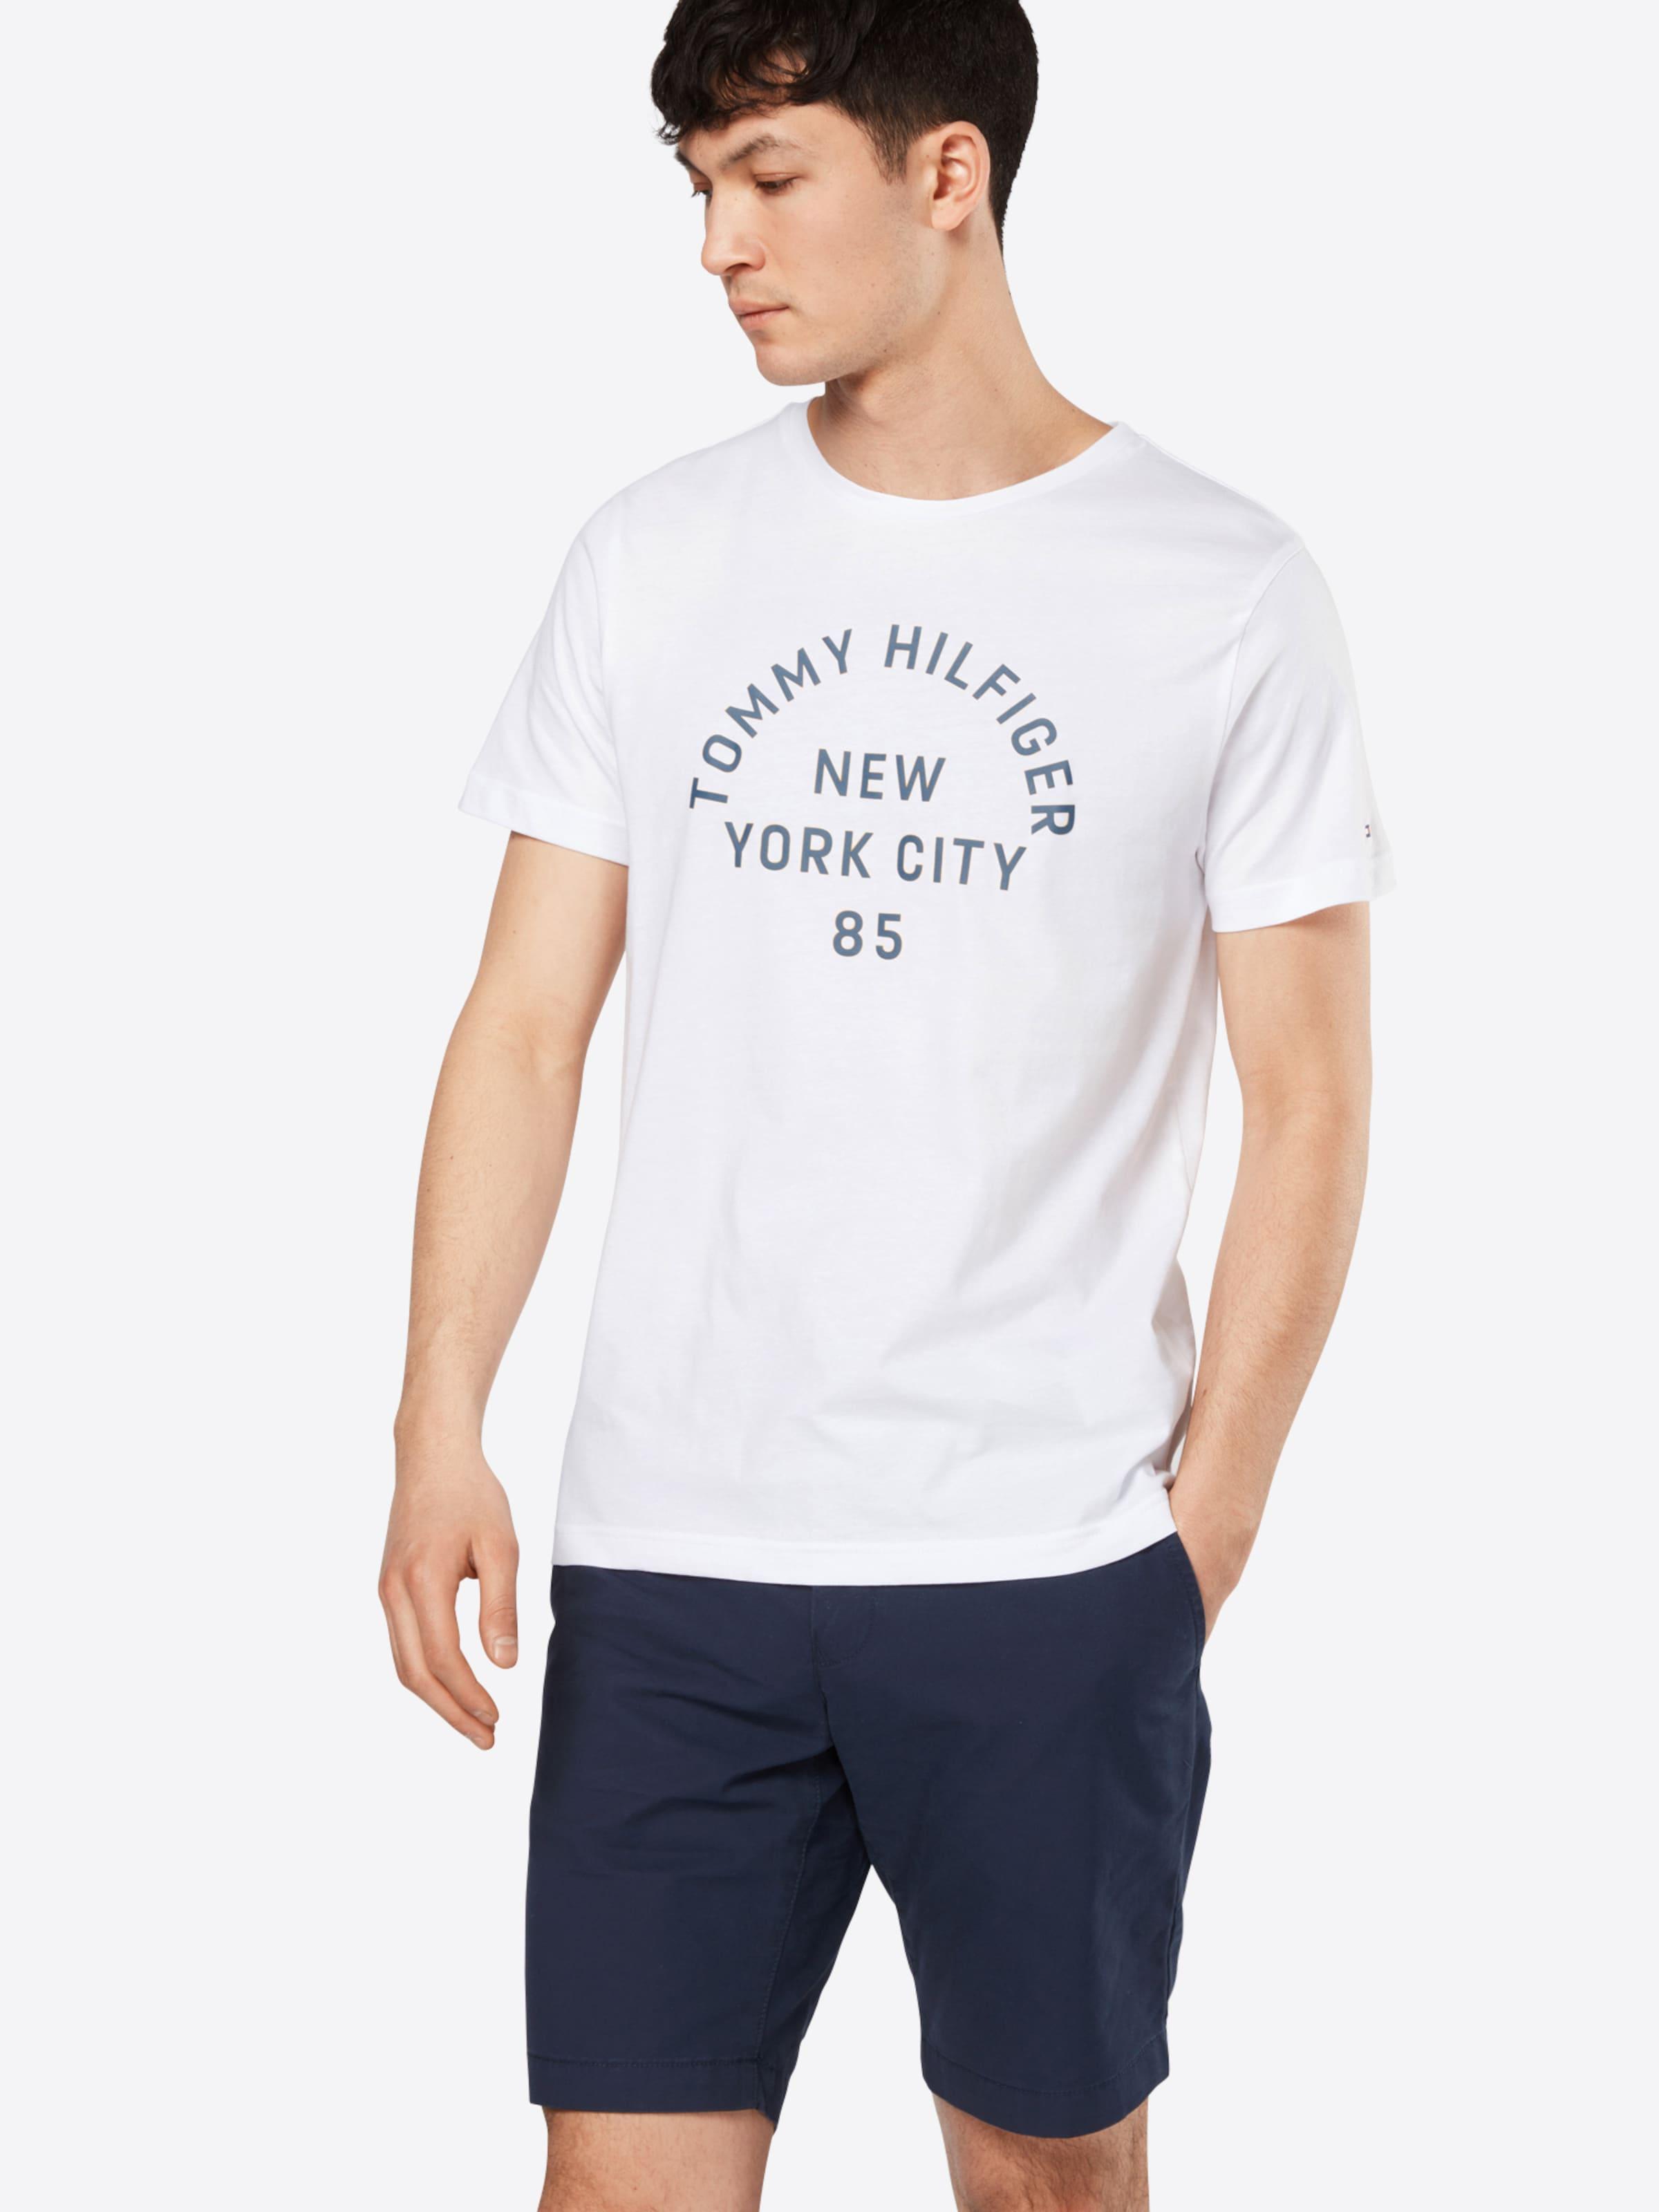 TOMMY HILFIGER T-Shirt 'MULTI LAYERED LOGO GRAPHIC' Aus Deutschland Günstigem Preis Günstiger Online-Shop Auslass Amazon Shop Günstigen Preis Günstig Kaufen Neue lJEWottm3G